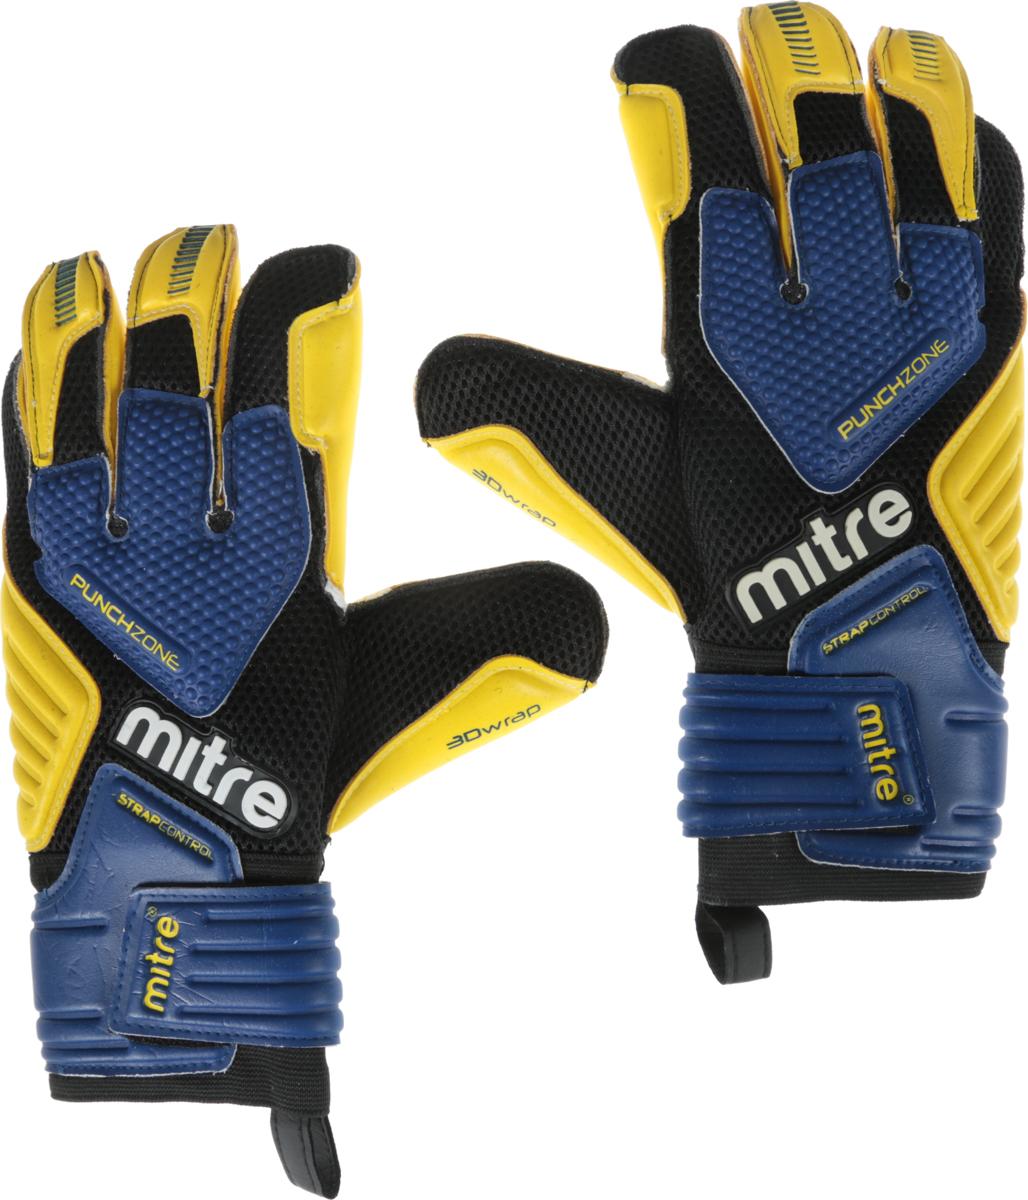 Перчатки вратарские Mitre Brz Pro, цвет: черный, желтый, синий. Размер 10,5GL254Перчатки вратарские Mitre Brz Pro имеют сетчатую тыльную сторону для лучшей вентиляции. Каждая пара перчаток конструирована для обеспечения максимальных игровых качеств, удобстваи защиты.Внутренняя часть ладони покрыта латексом для наилучшего сцепления. Сетчатые вставки на пальцах. Выделенная зона для отражения мяча кулаком на тыльной стороне перчатки. Конструкция ладони для гашения удара при схватывании мяча. Объемная конструкция в ключевых зонах. Эластичное запястье и фиксация на липучке. Чтобы обеспечить максимальные игровые качества и увеличить срок службы перчаток, важно смачивать перчатки перед использованием.